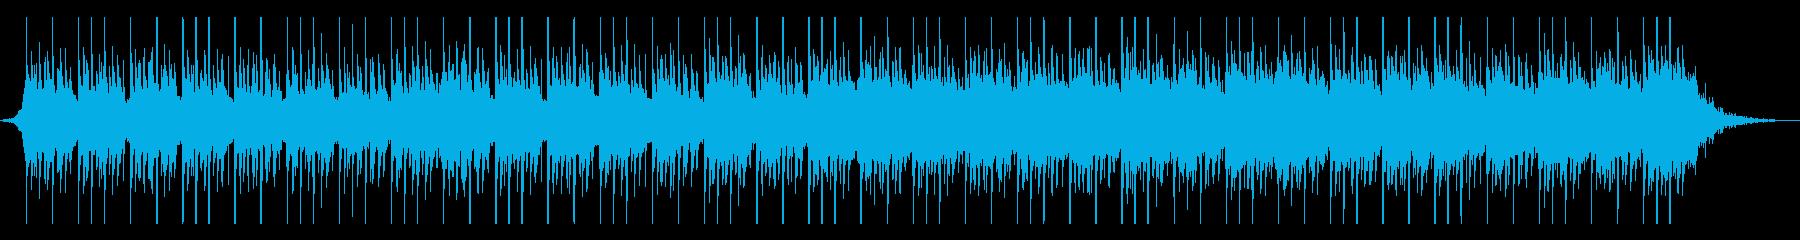 ラマダンバイラム(80秒)の再生済みの波形